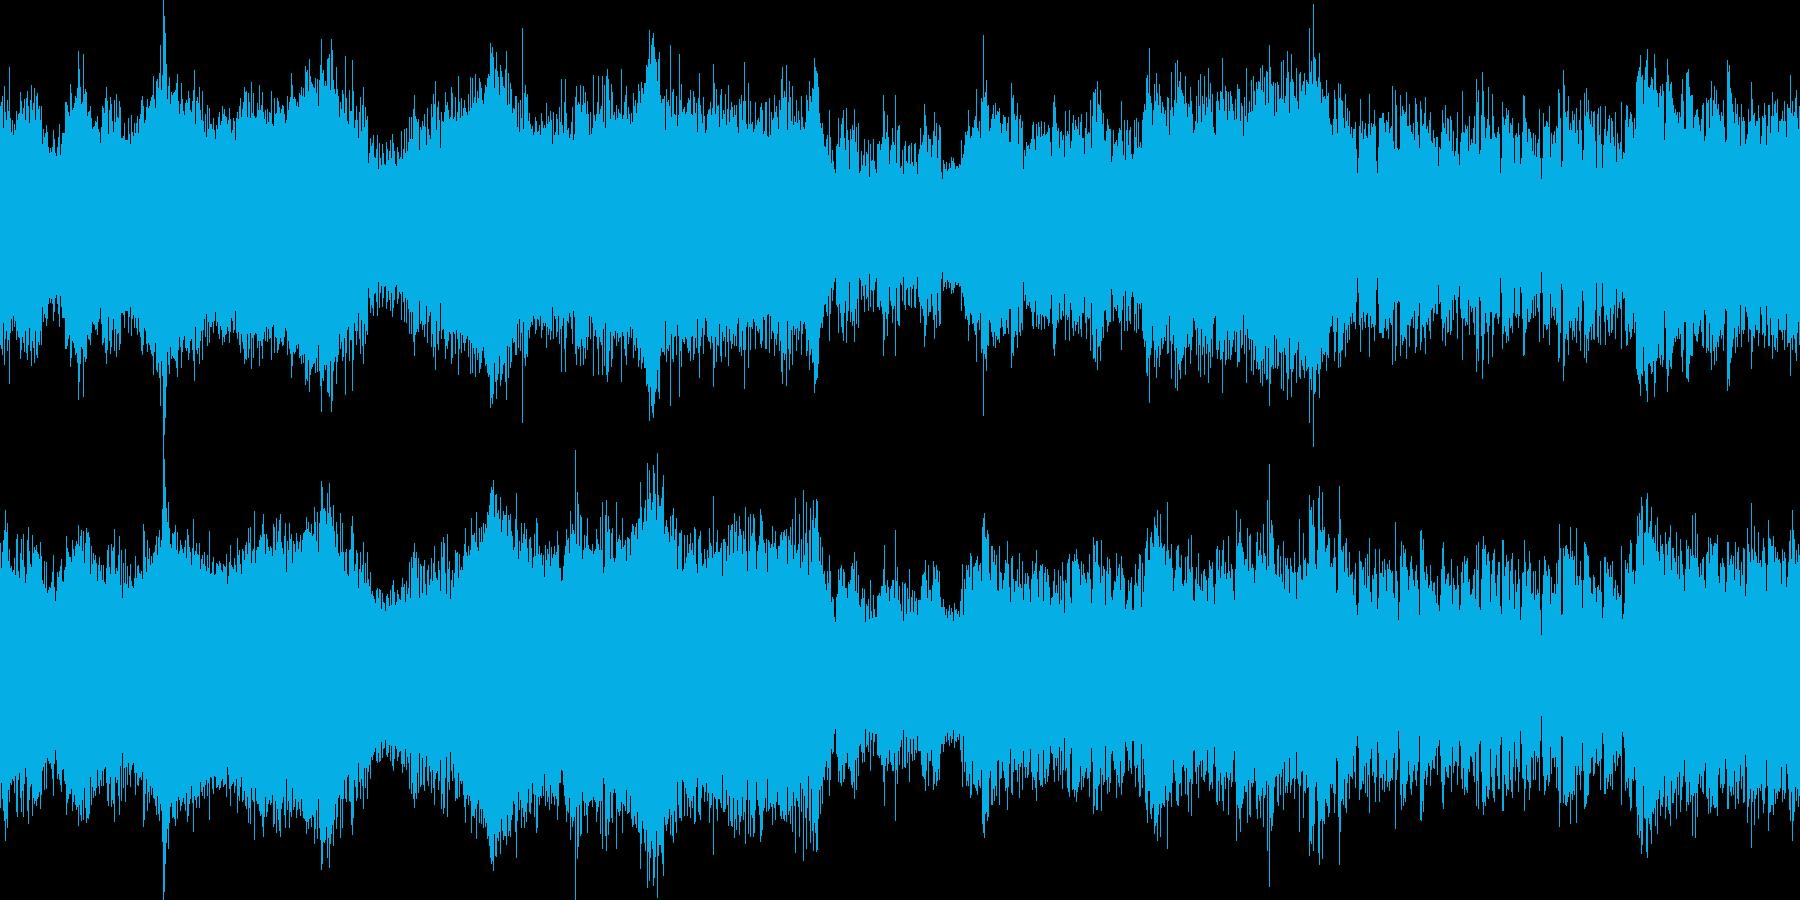 シンプルで潜入感あるトランスの再生済みの波形